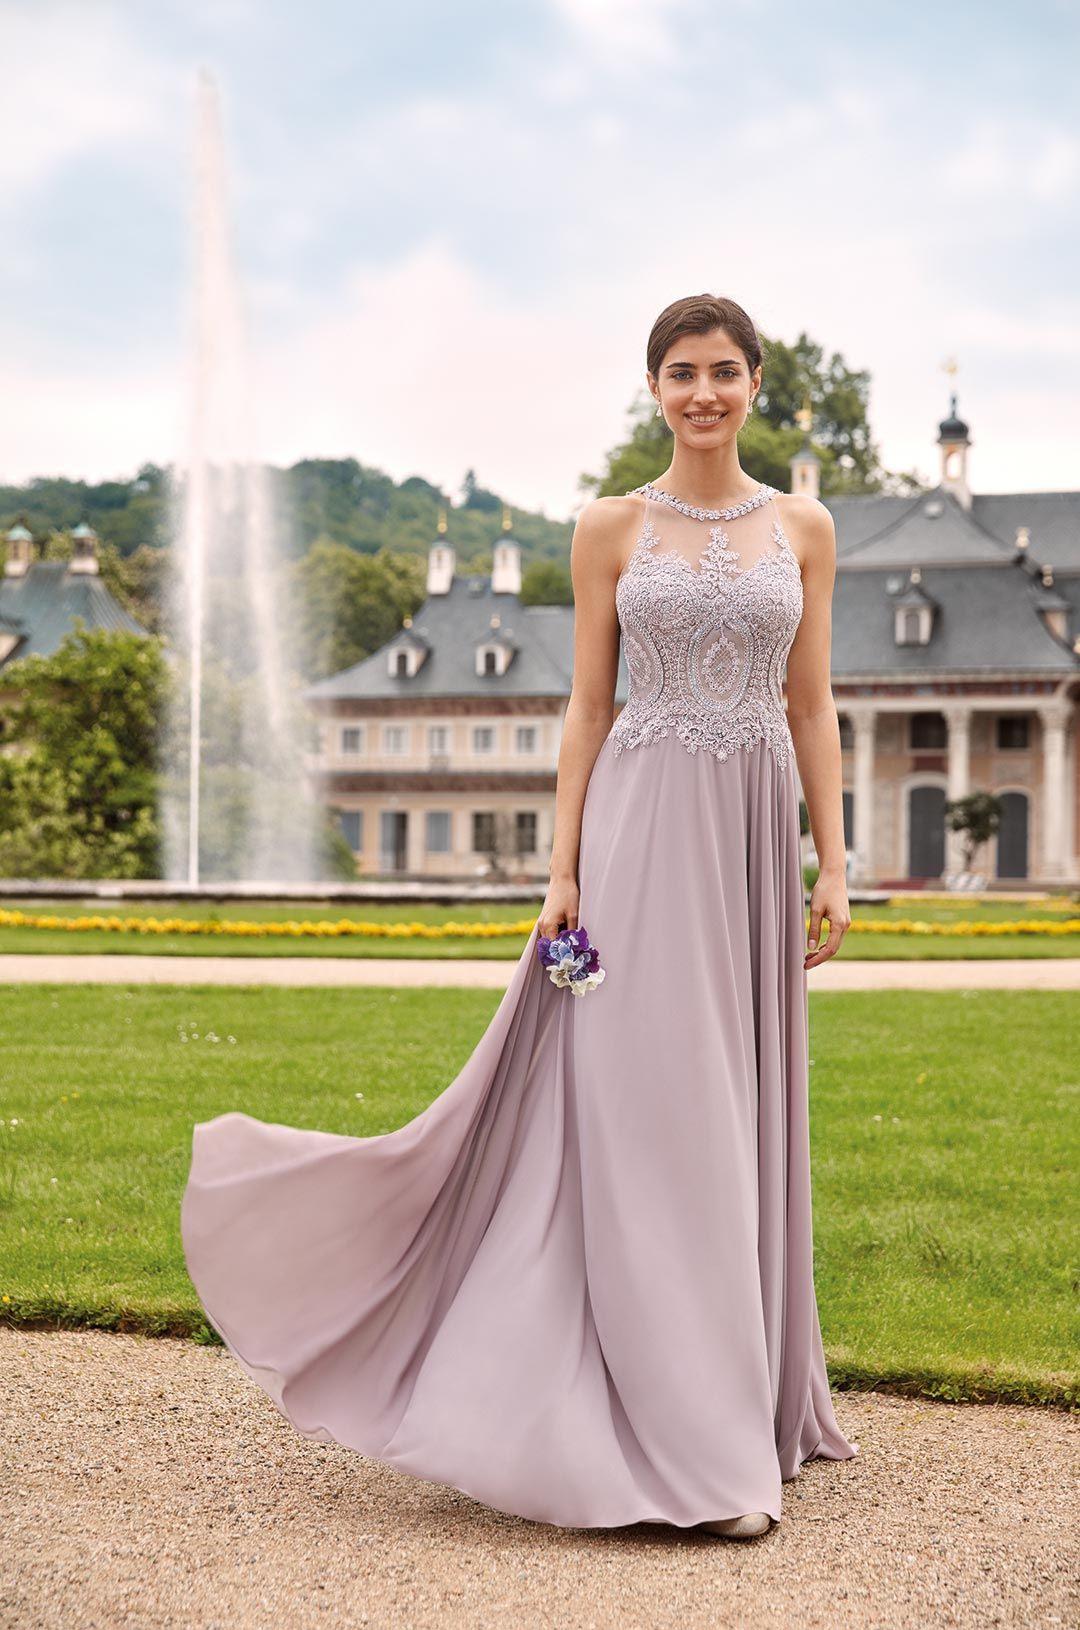 15 Erstaunlich Abendkleider Esslingen Bester PreisAbend Coolste Abendkleider Esslingen Design